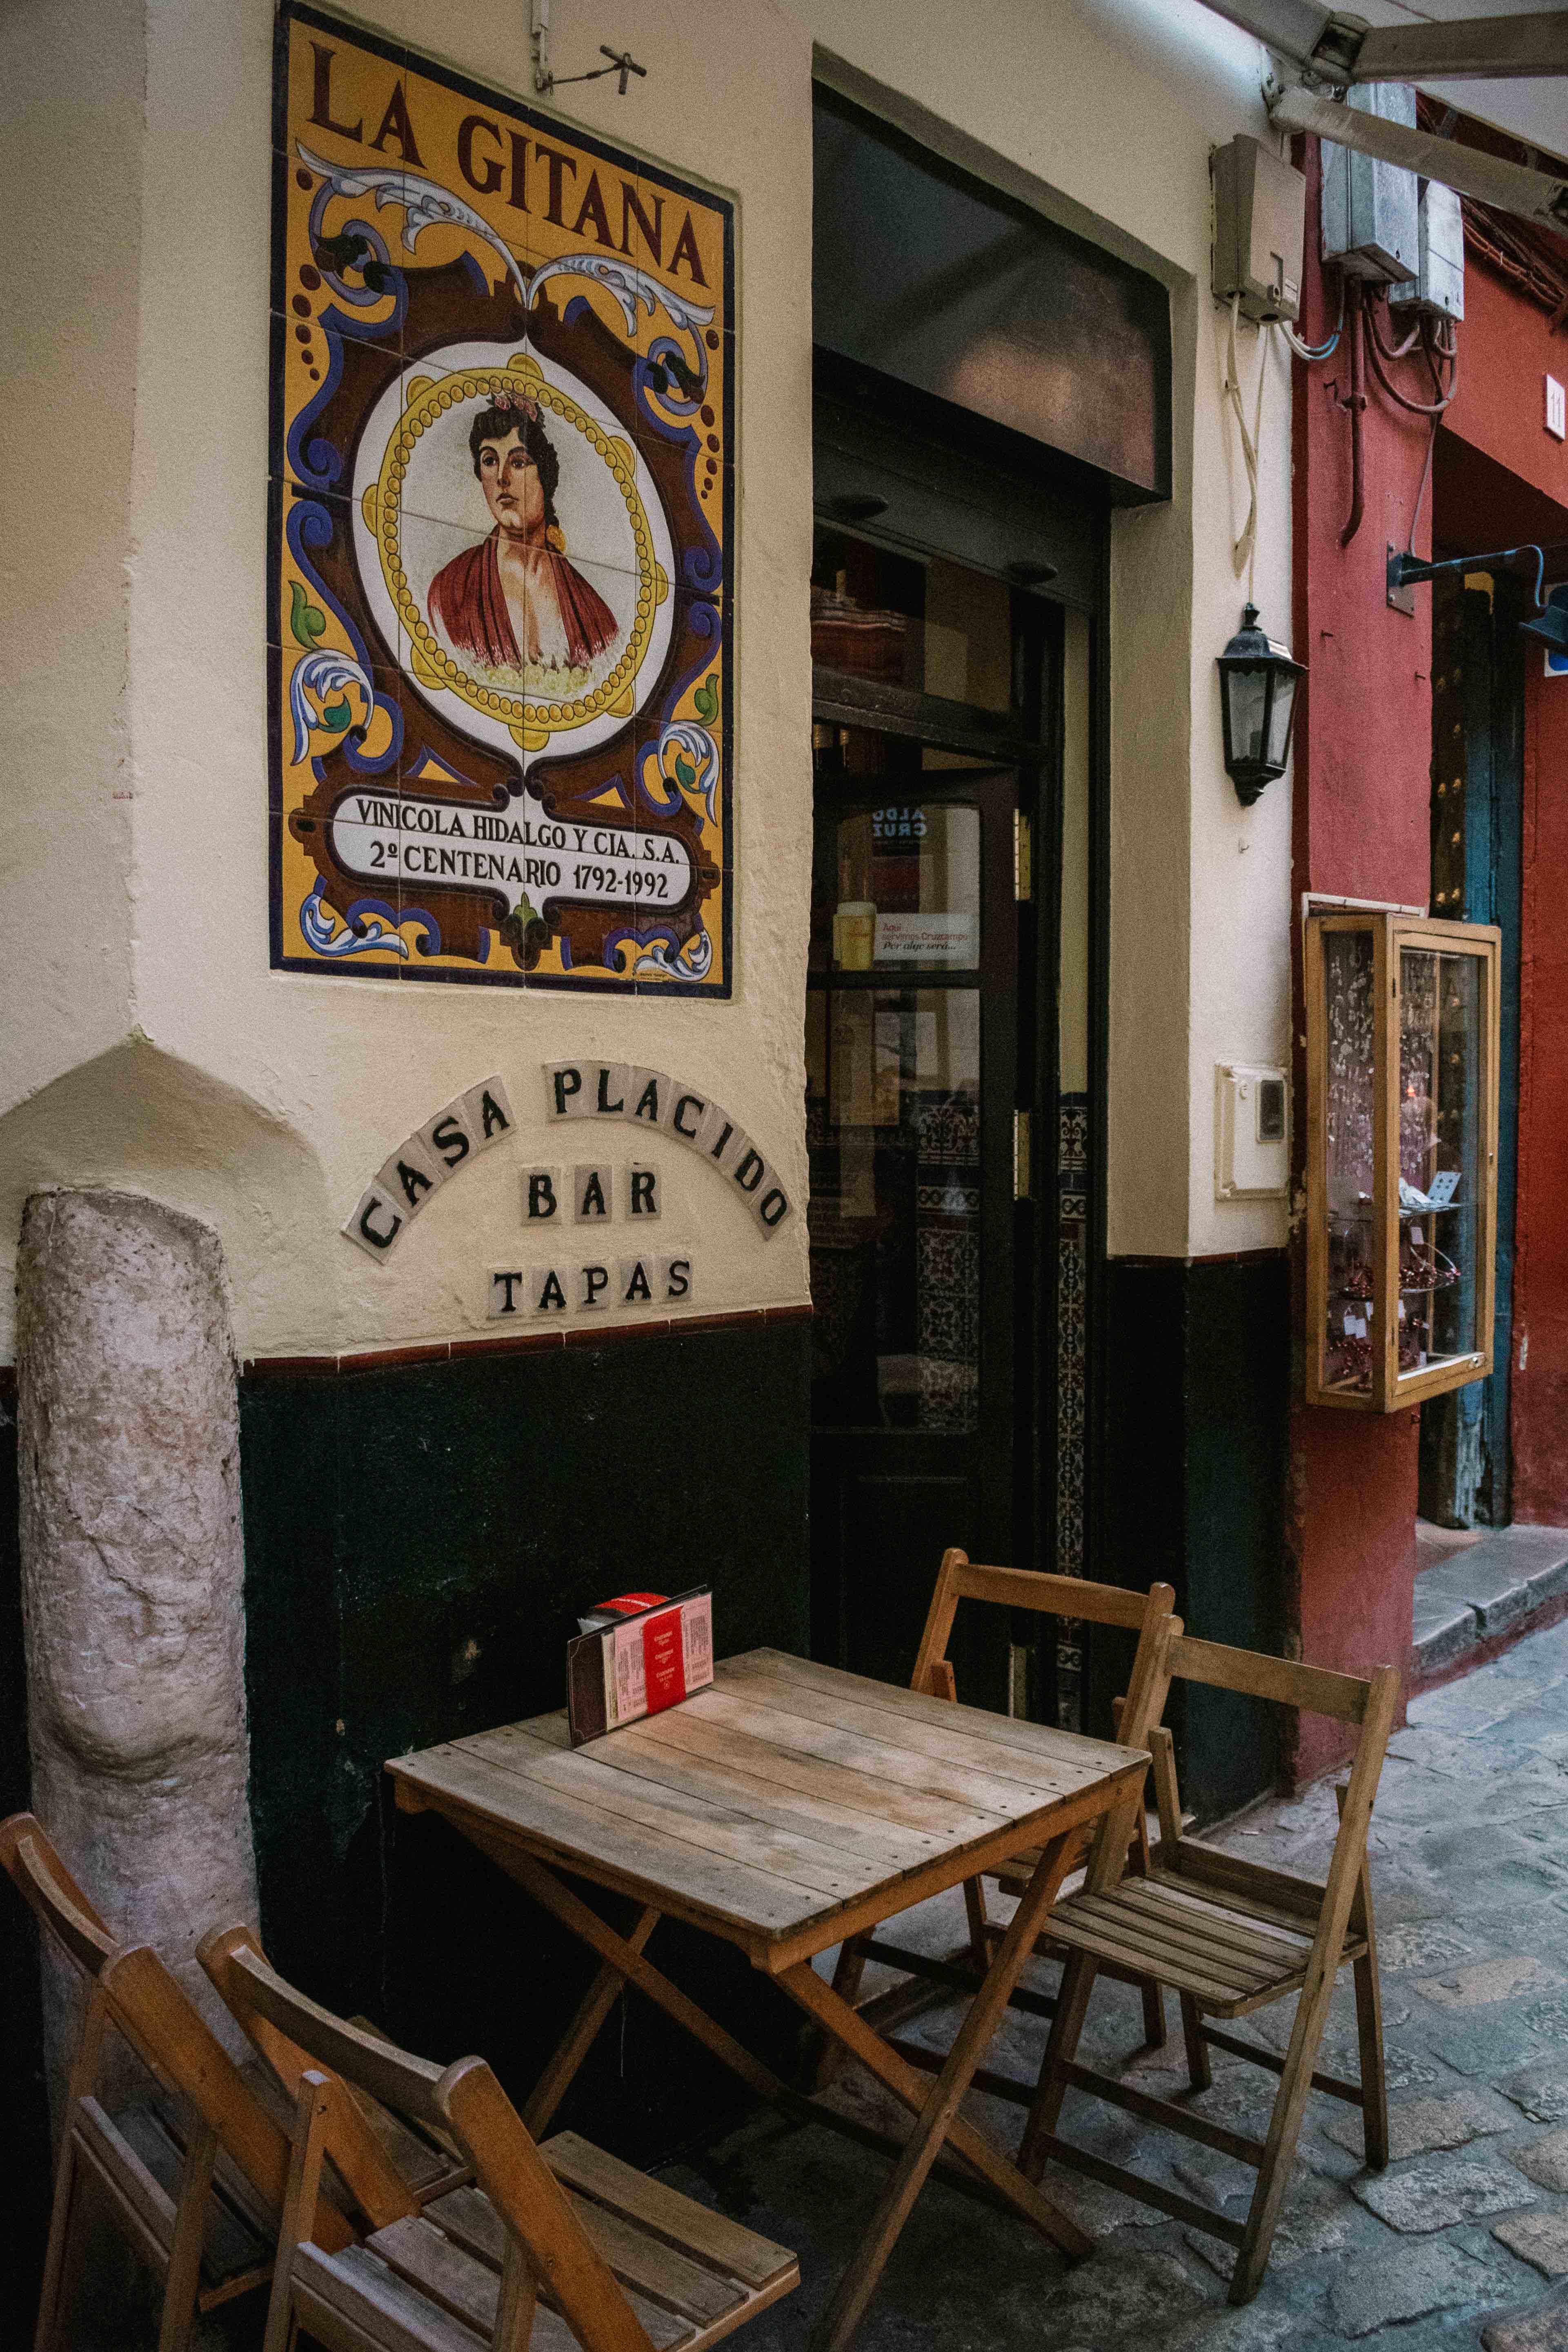 Bar Casa Placido Seville City Guide